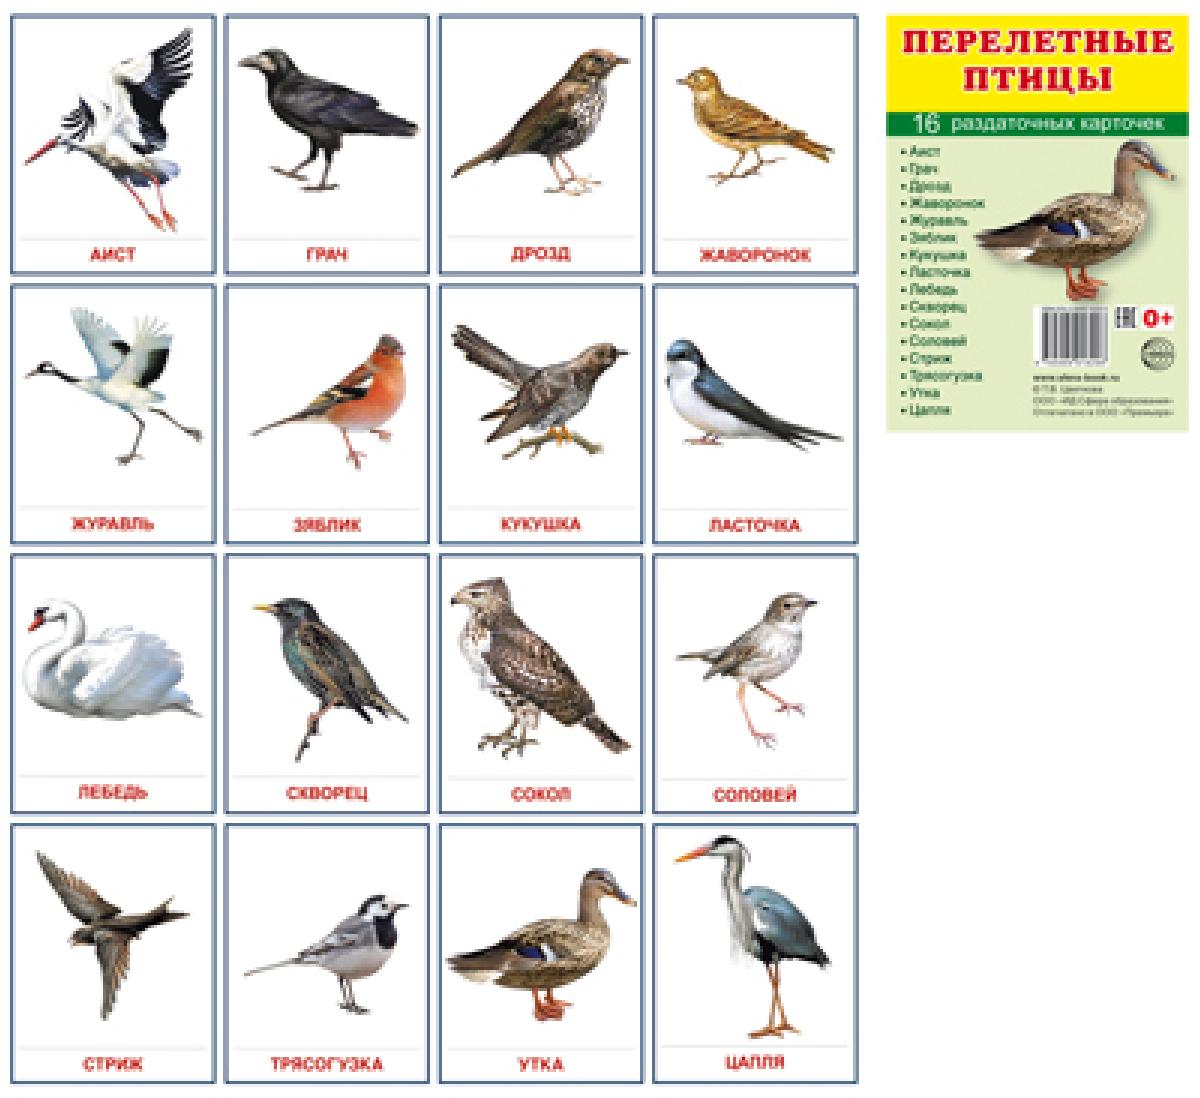 все птицы по алфавиту толкование зависит выраженности